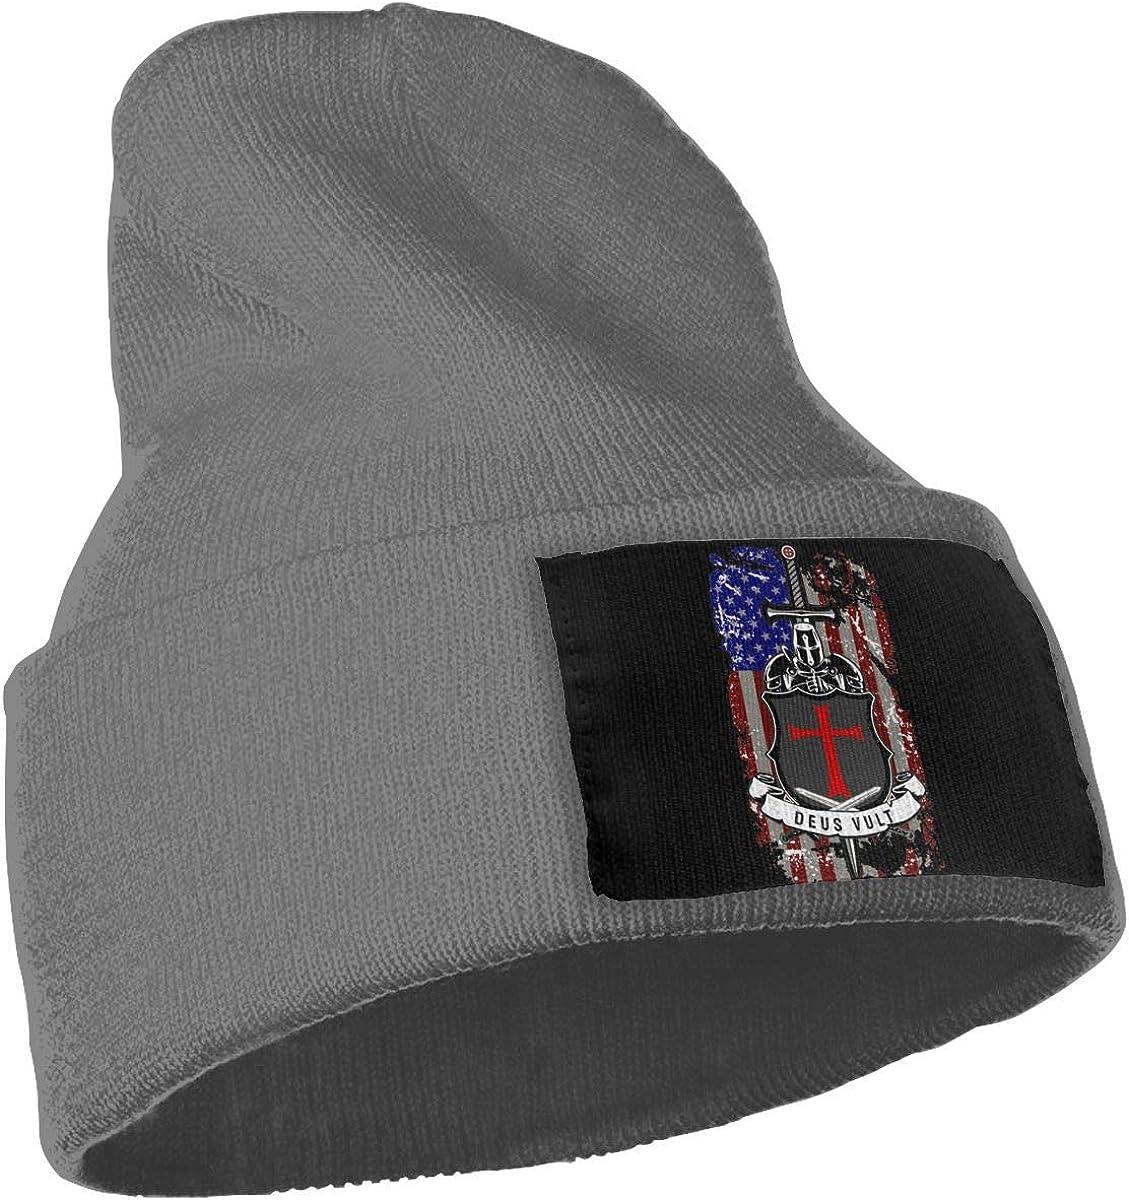 Peng Peng Knights Templar Deus Vult Beanie Cap Skull Cap Men Women Winter Warm Knitting Hats